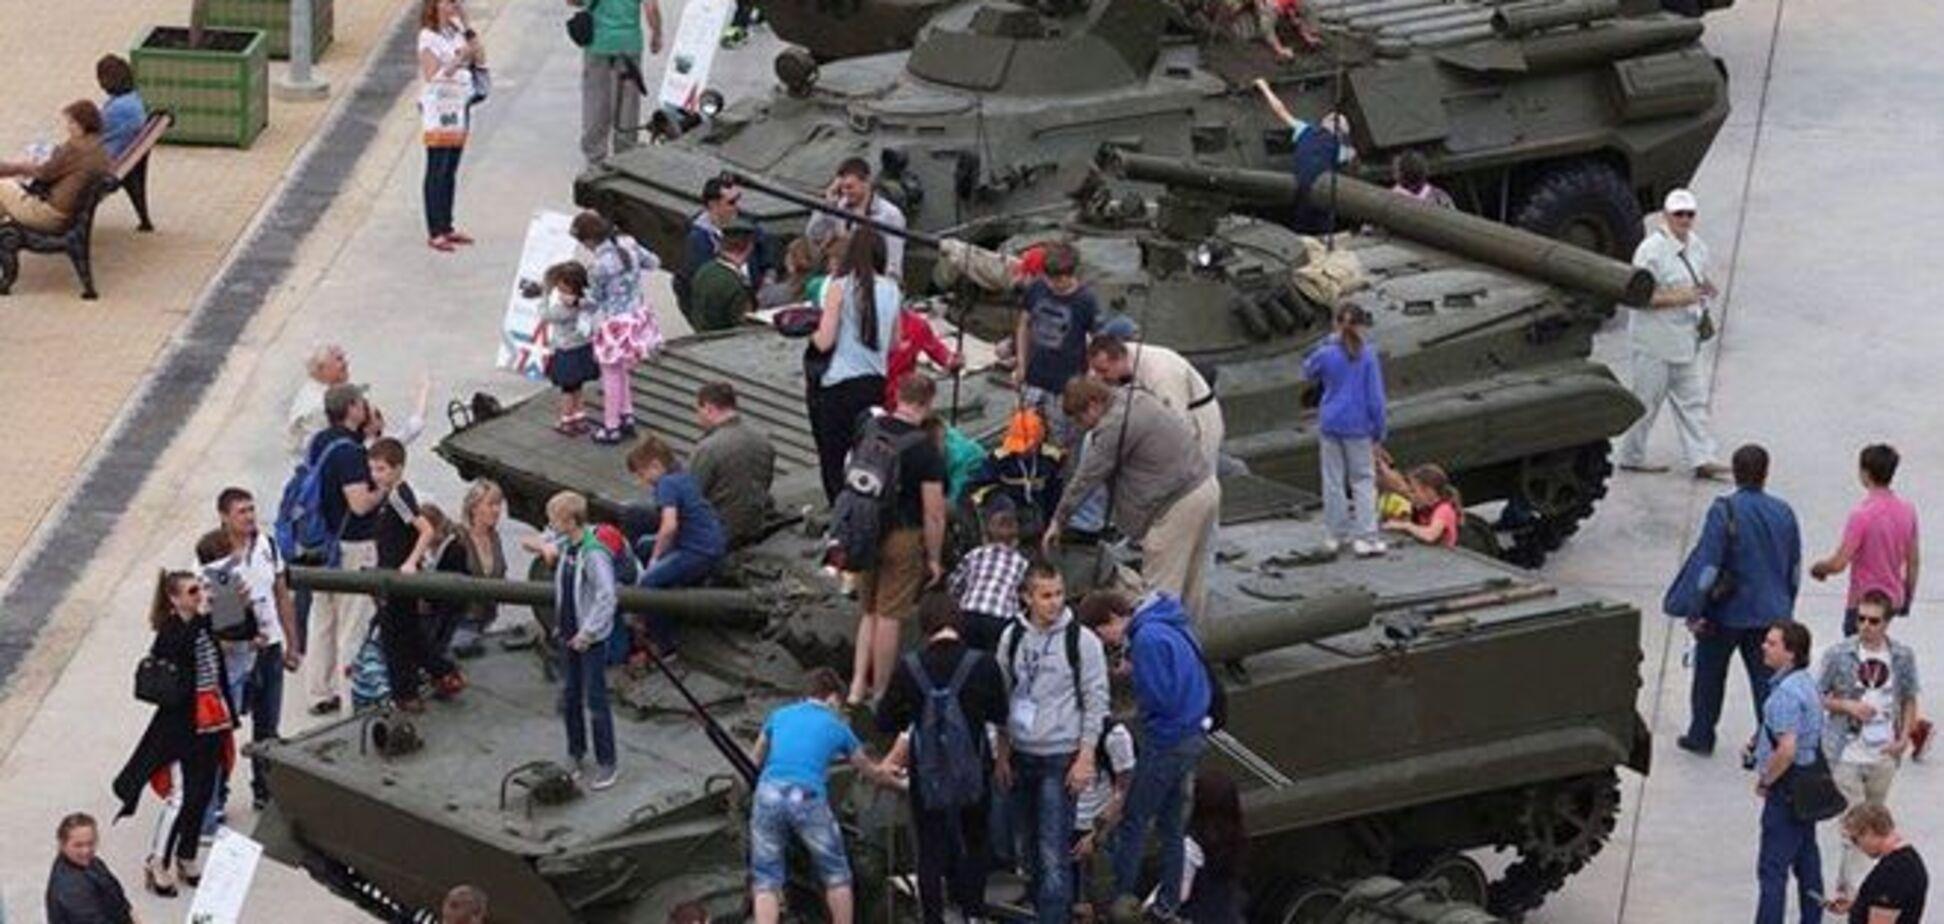 В России на военной выставке дети просто 'облепили' танки: фотофакт